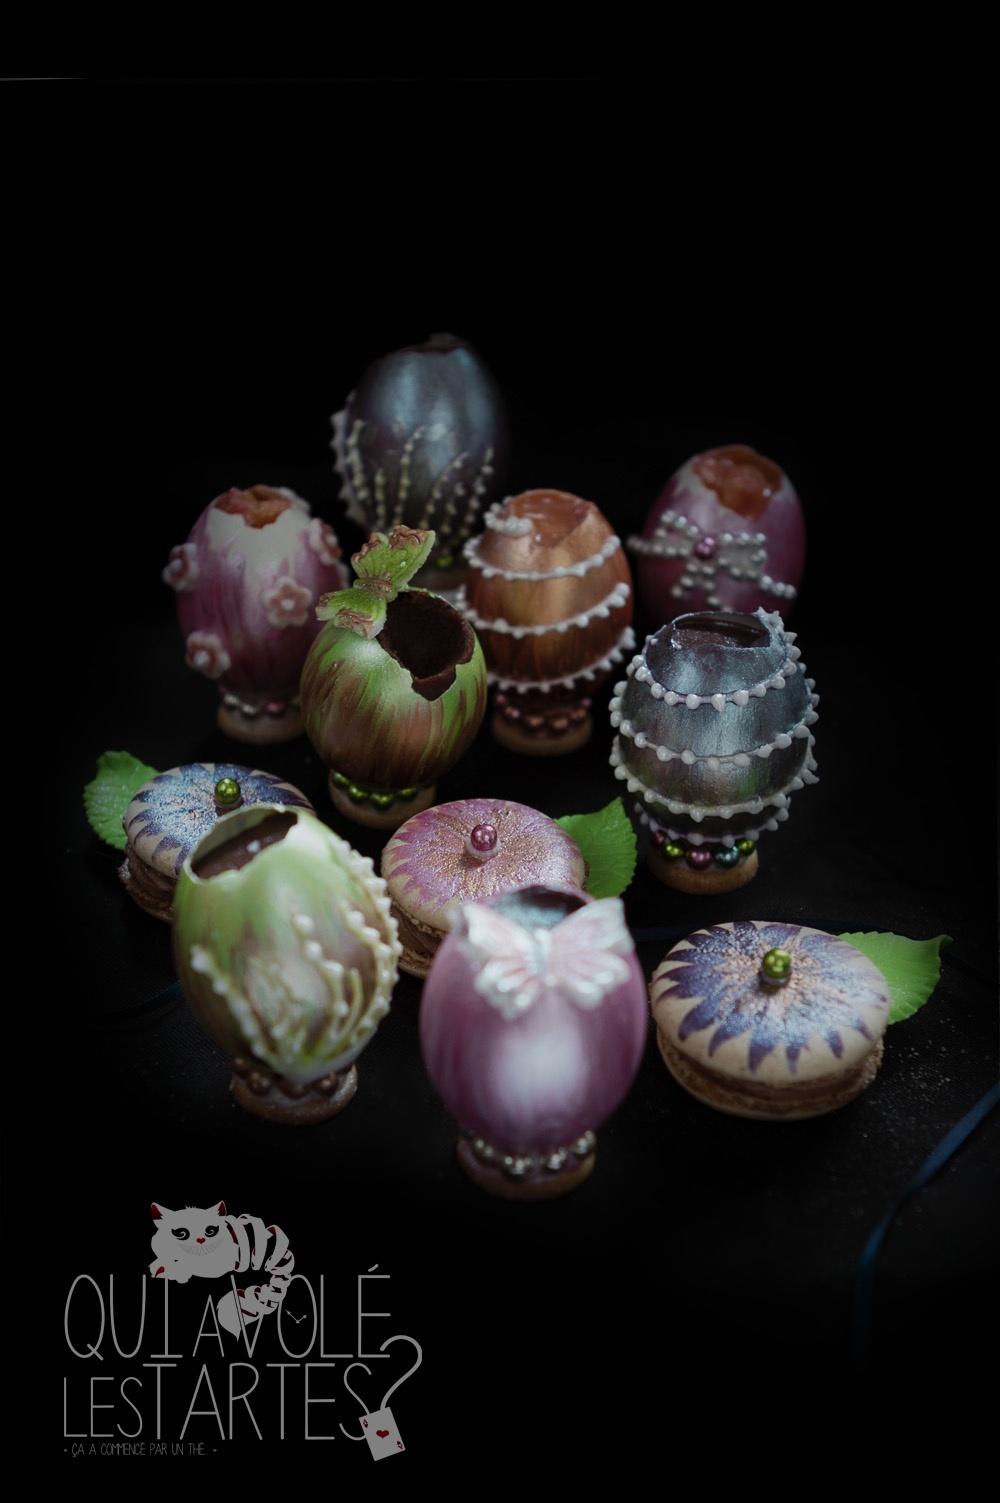 Oeufs façon Fabergé 6 - Studio 2 création - Qui a volé les tartes